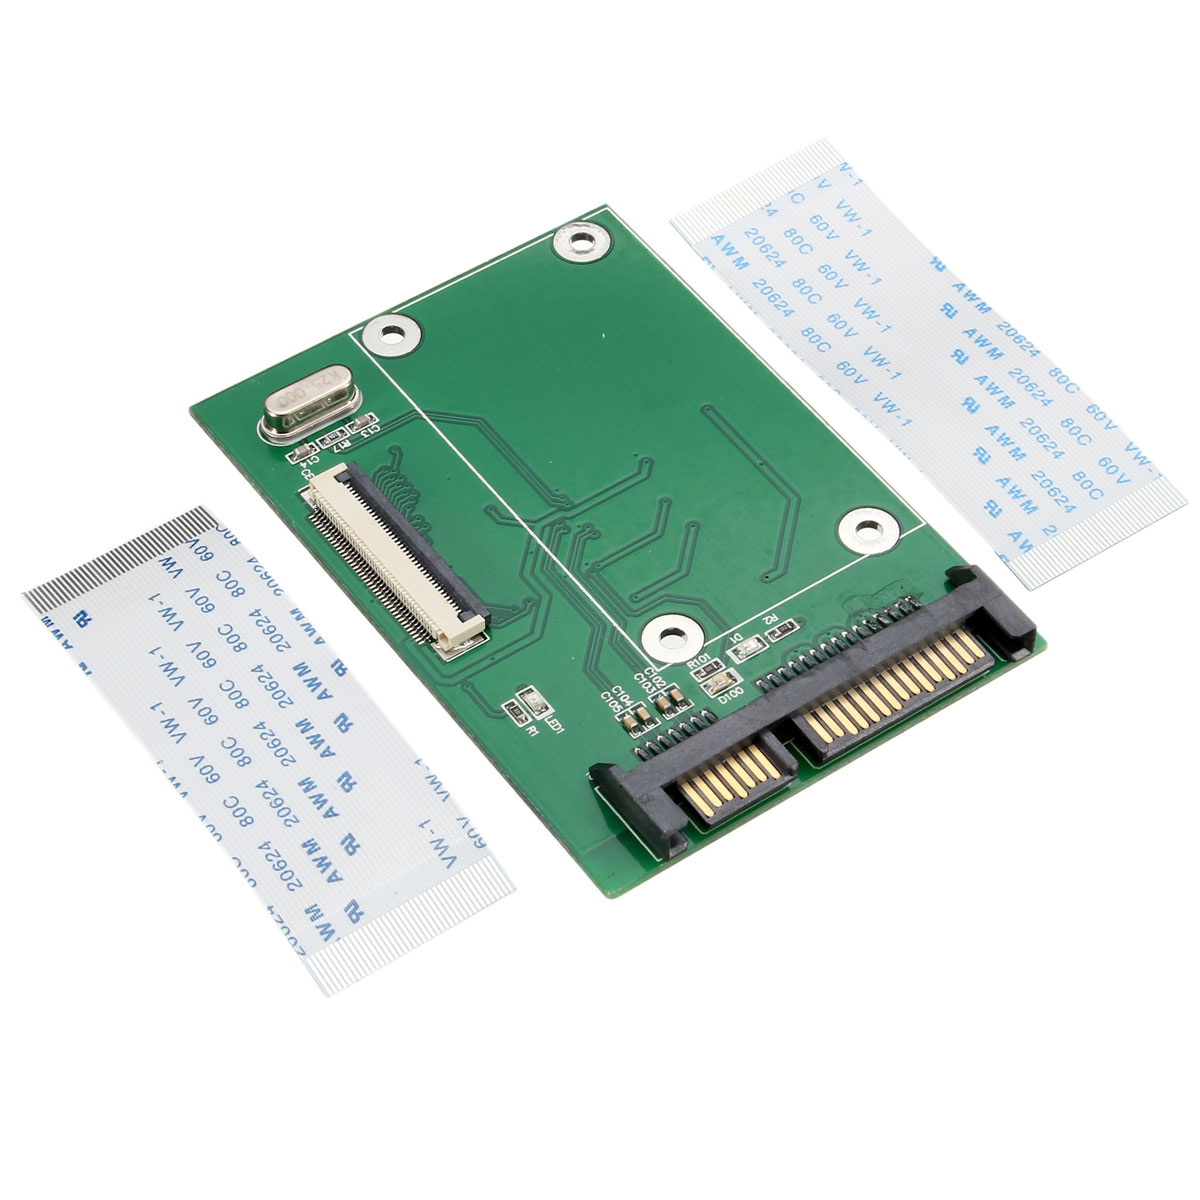 Возможен обмен на sata hdd 2,5 от 160gb жесткий диск toshiba mk4009gal 40gb (u100/4200/8mb) ce zif/lif